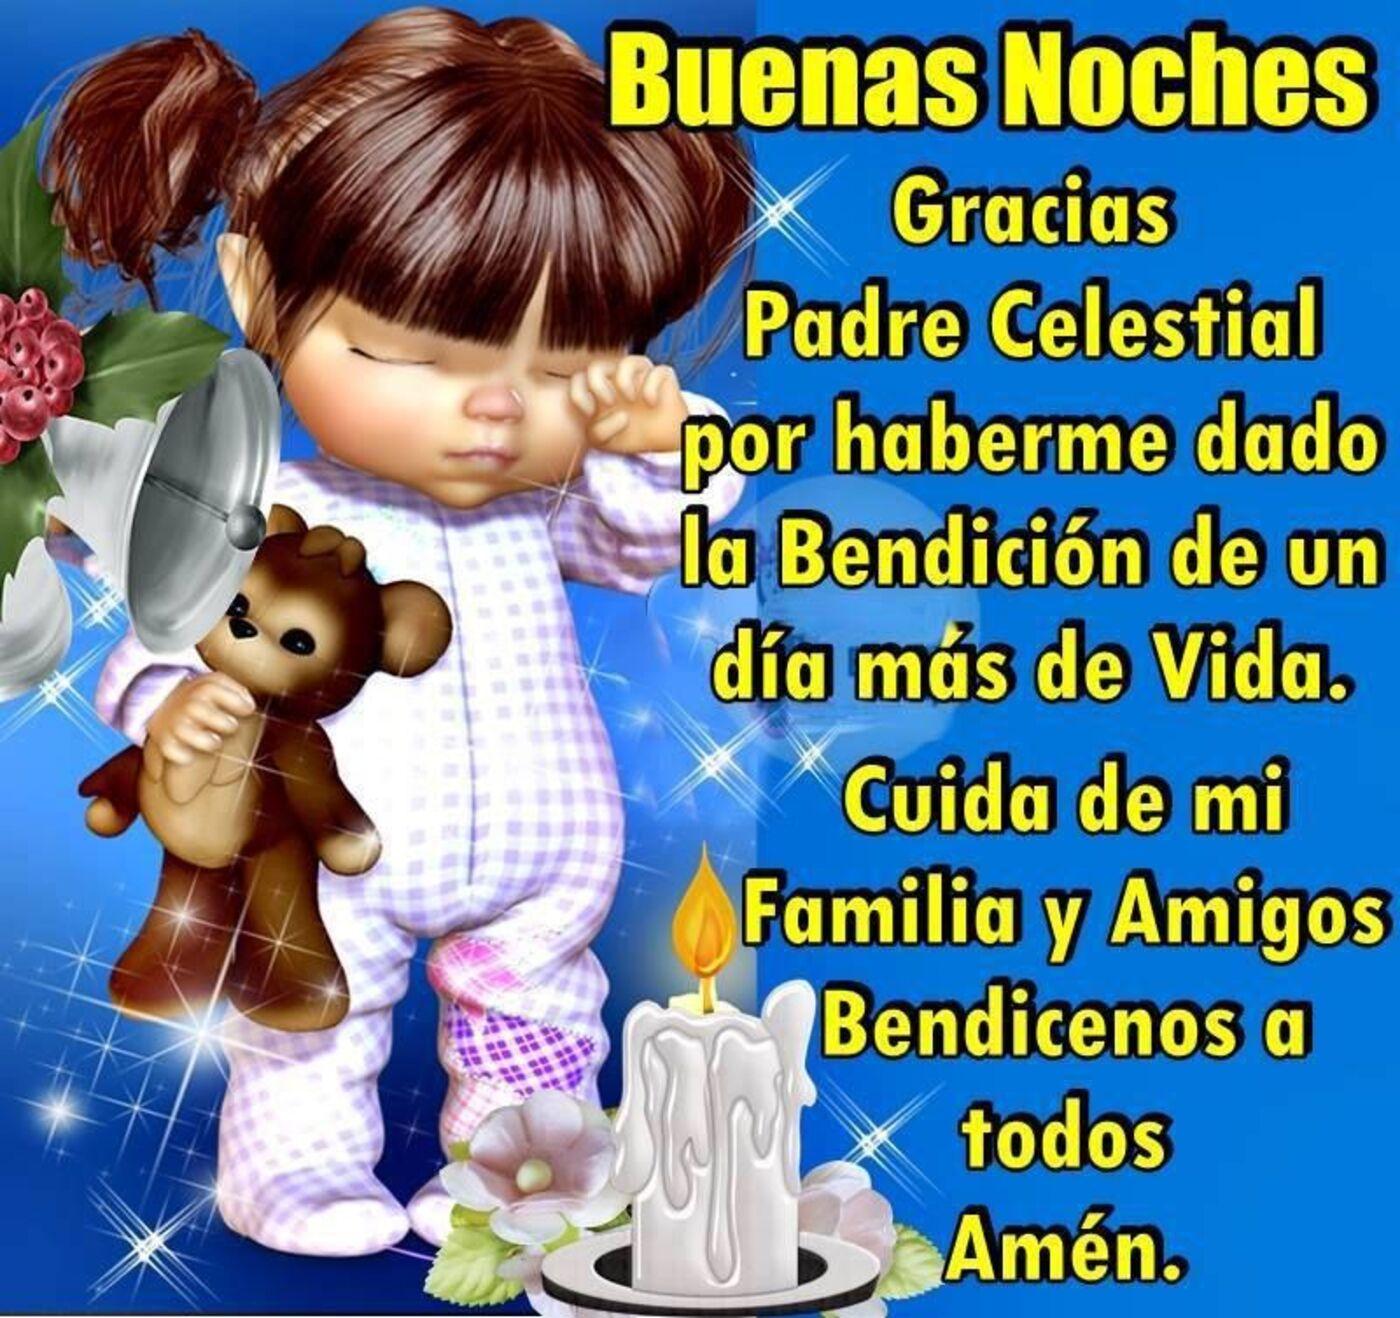 Buenas noches gracias Padre Celestial por haberme dado la bendición de un día más de vida. Cuida de mi familia y amigos bendicenos a todos Amen.